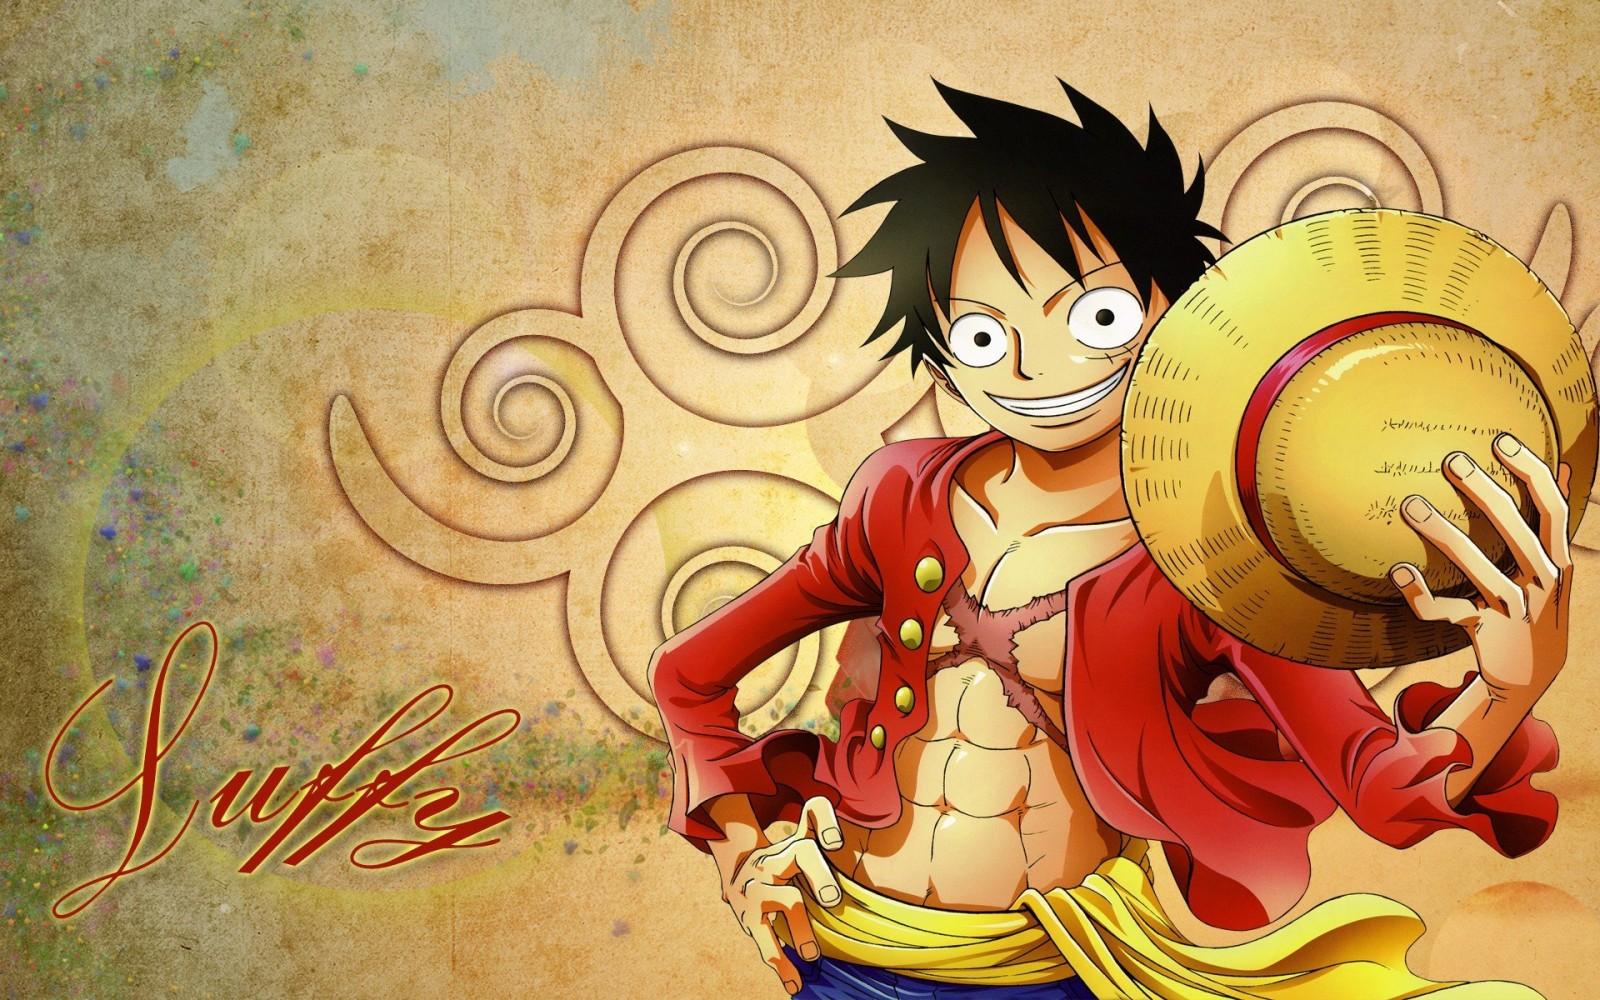 Hình ảnh Luffy cực kỳ ngầu lòi